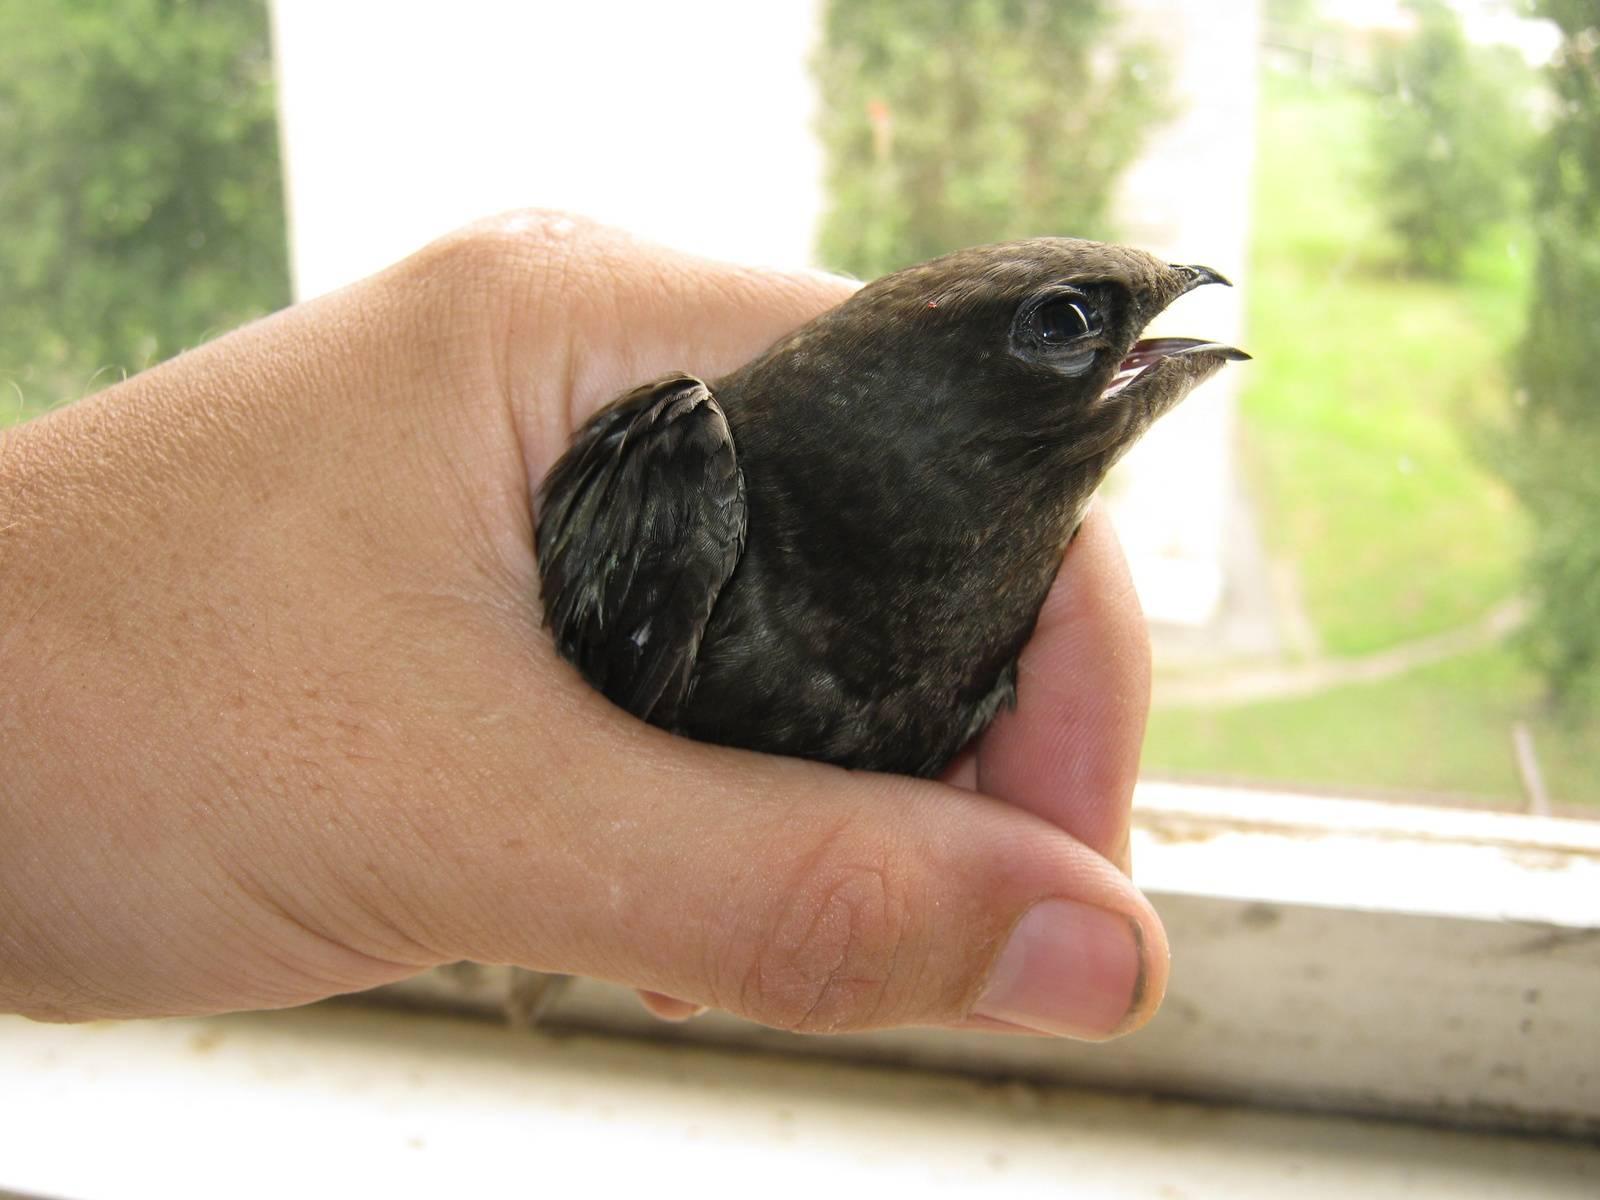 Птица залетела в дом – примета, положительное и негативное значение | саратовбизнесконсалтинг